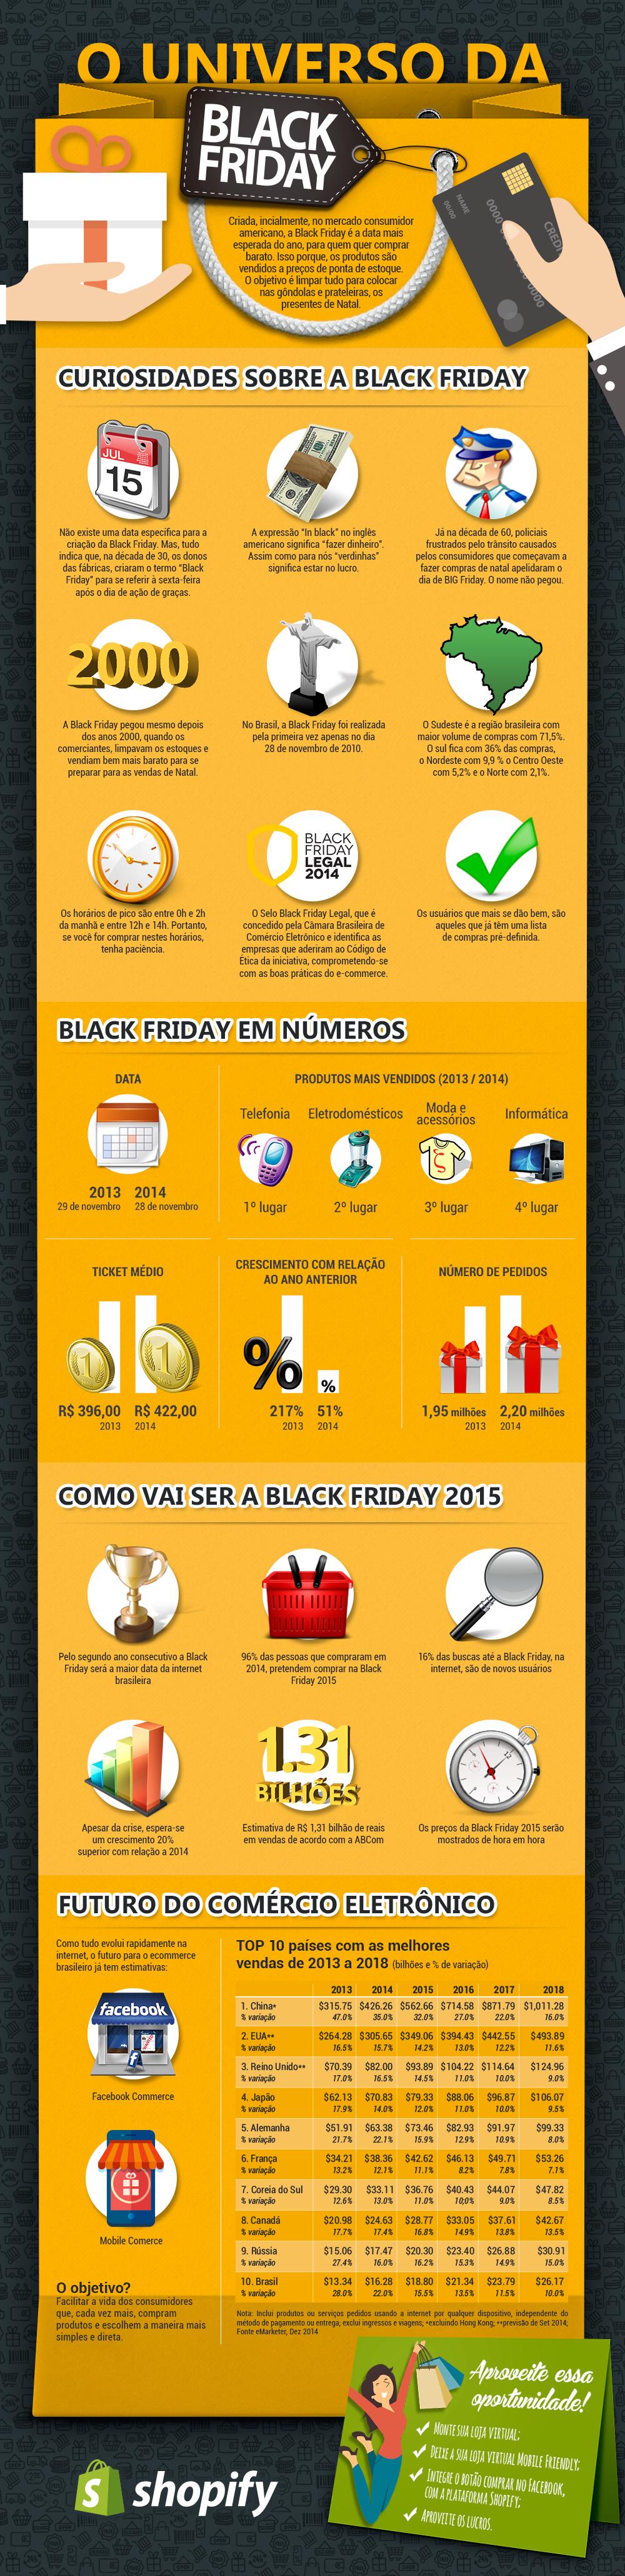 Black Friday: as maiores curiosidades sobre o grande evento de compras